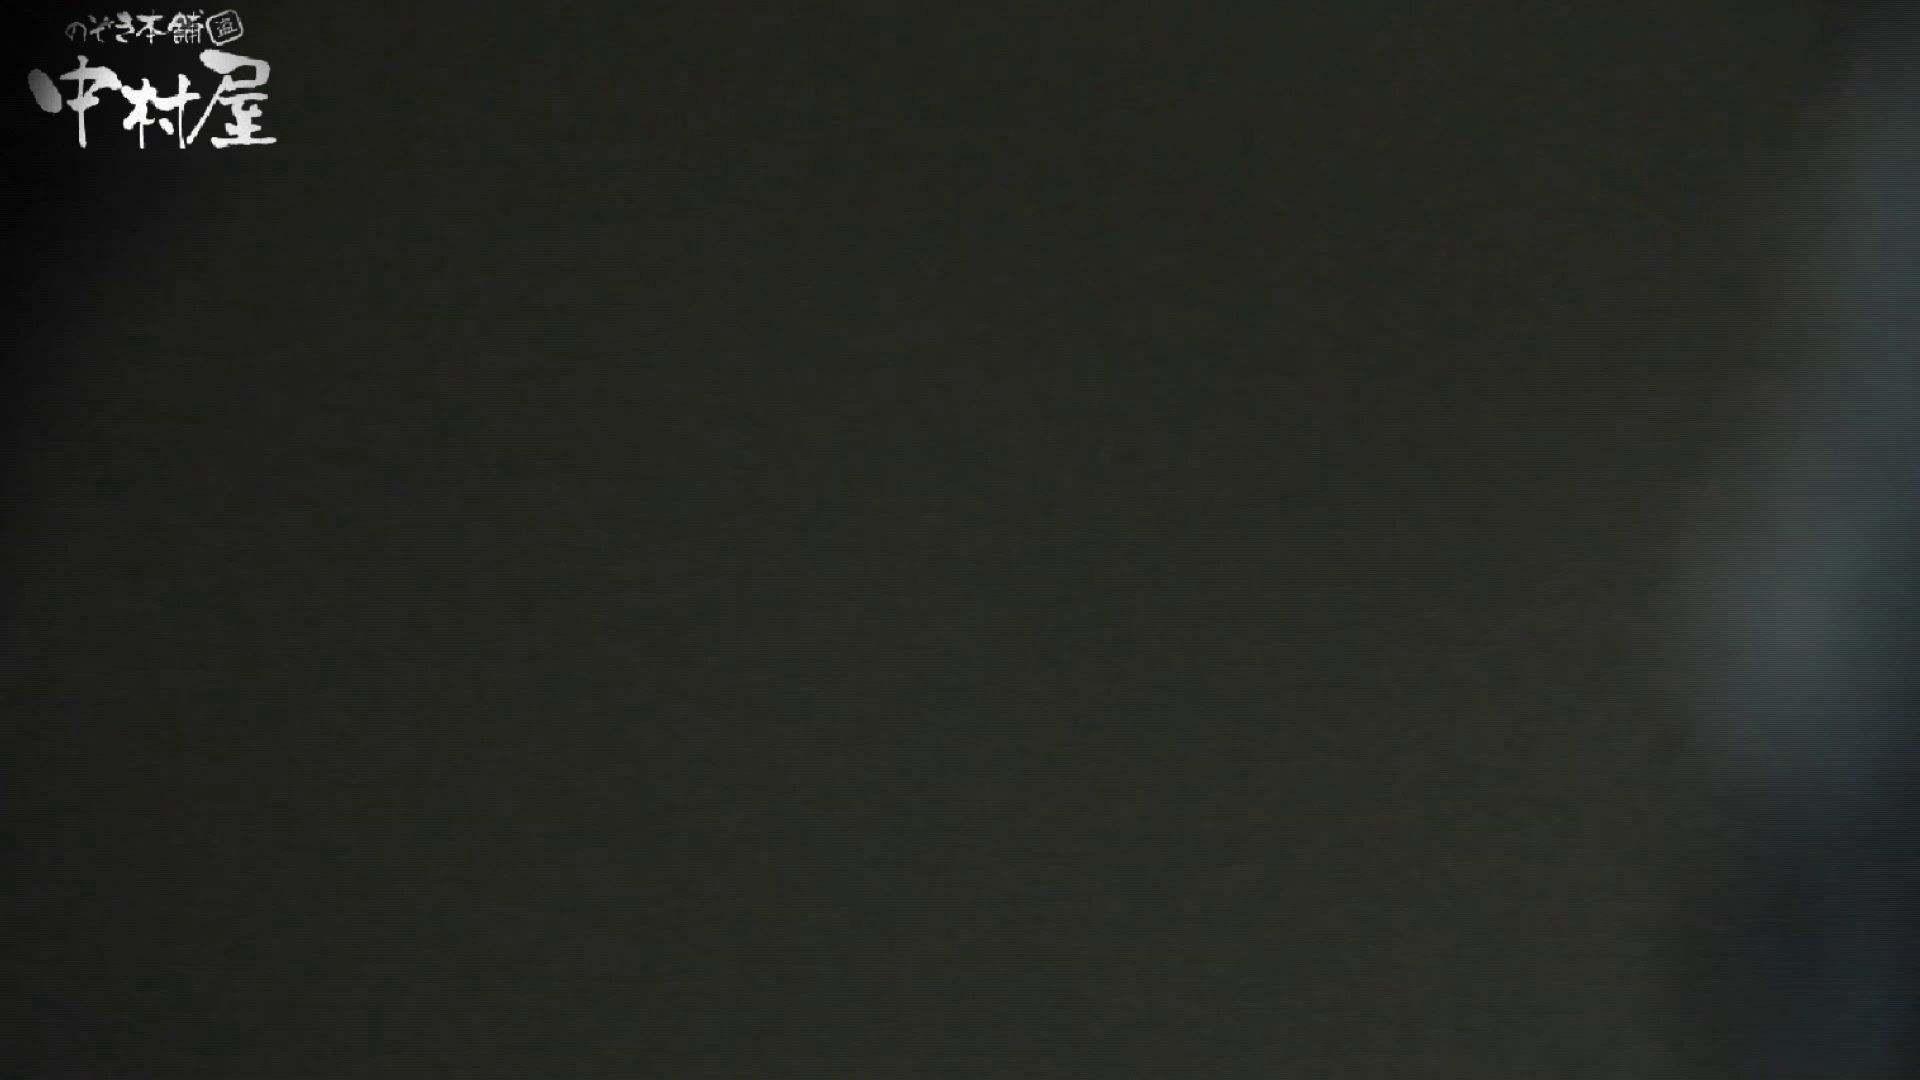 世界の射窓から~ステーション編~vol46 美女のアップが盛りだくさん。前編 美女すけべ画像 | OLすけべ画像  44連発 15